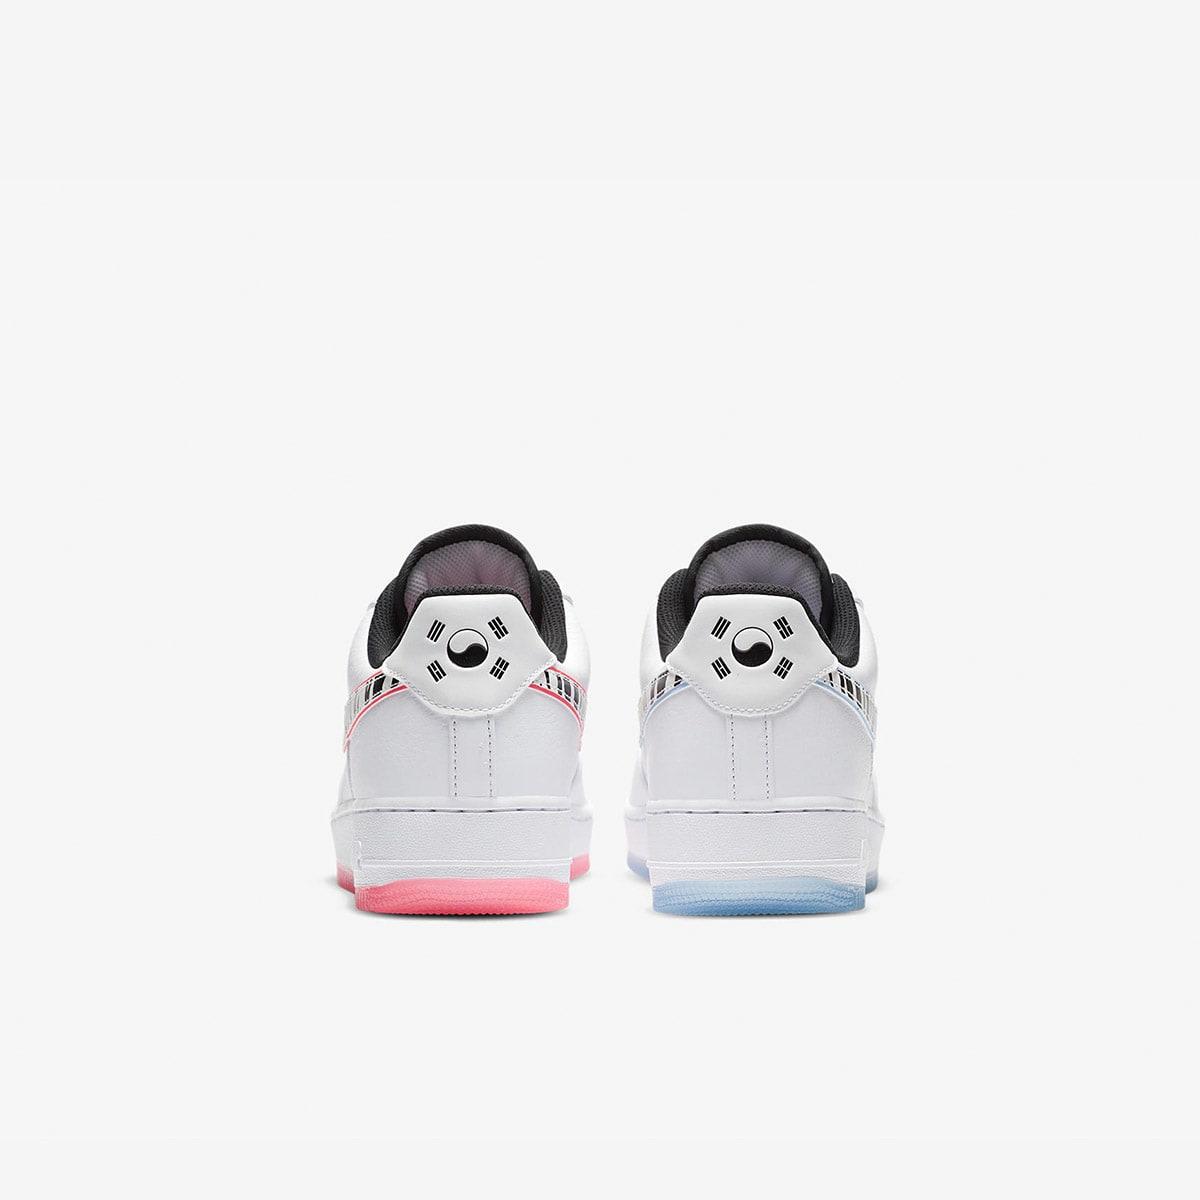 Nike Air Force 1 '07 QS - CW3919-100